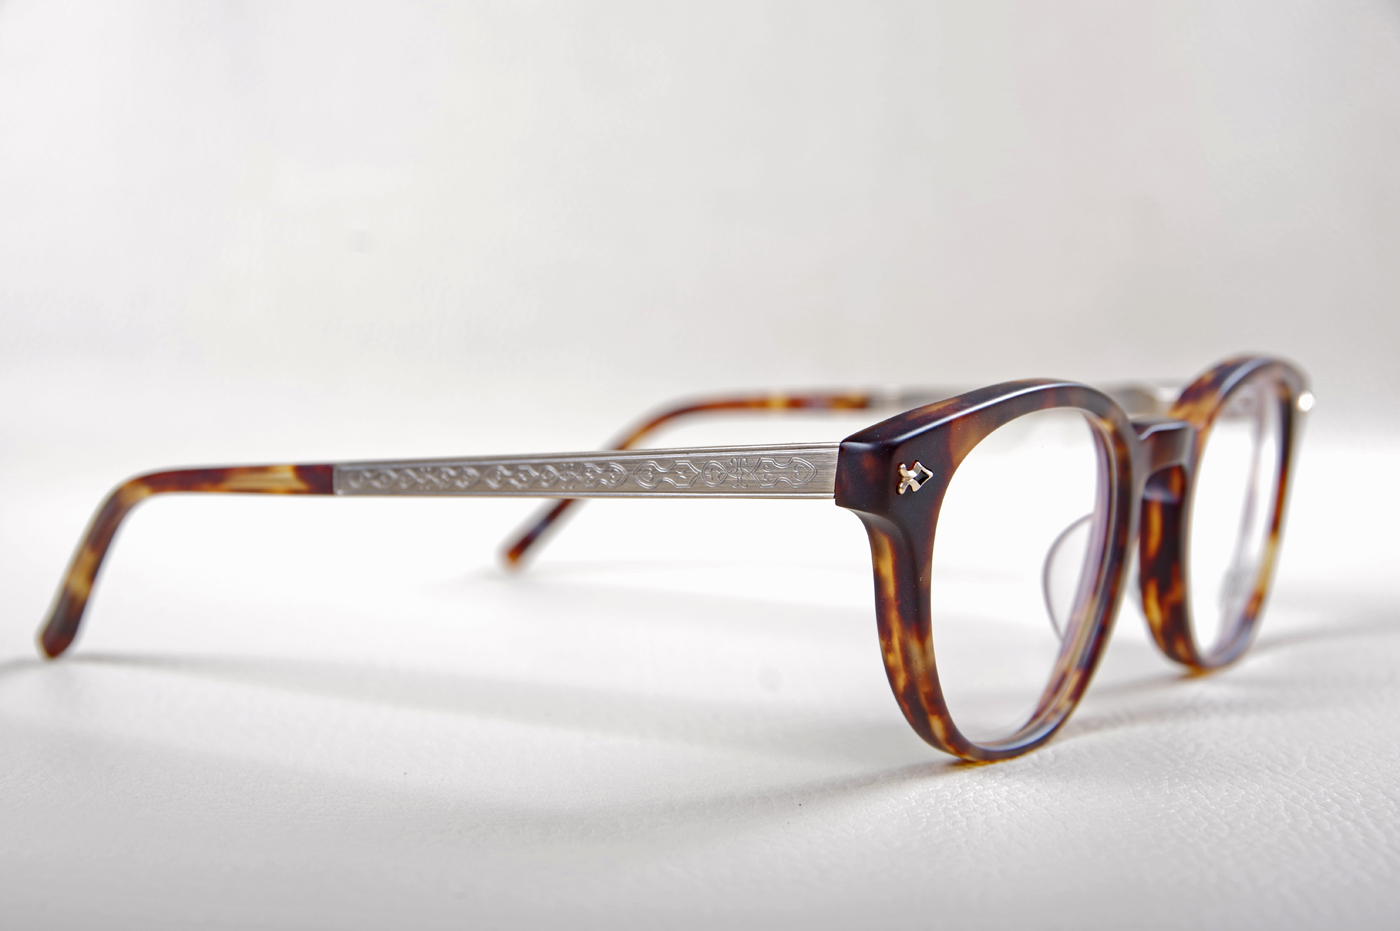 lunettes de vue pour homme matsuda m2020 opticien haut de gamme sainte adresse optique. Black Bedroom Furniture Sets. Home Design Ideas